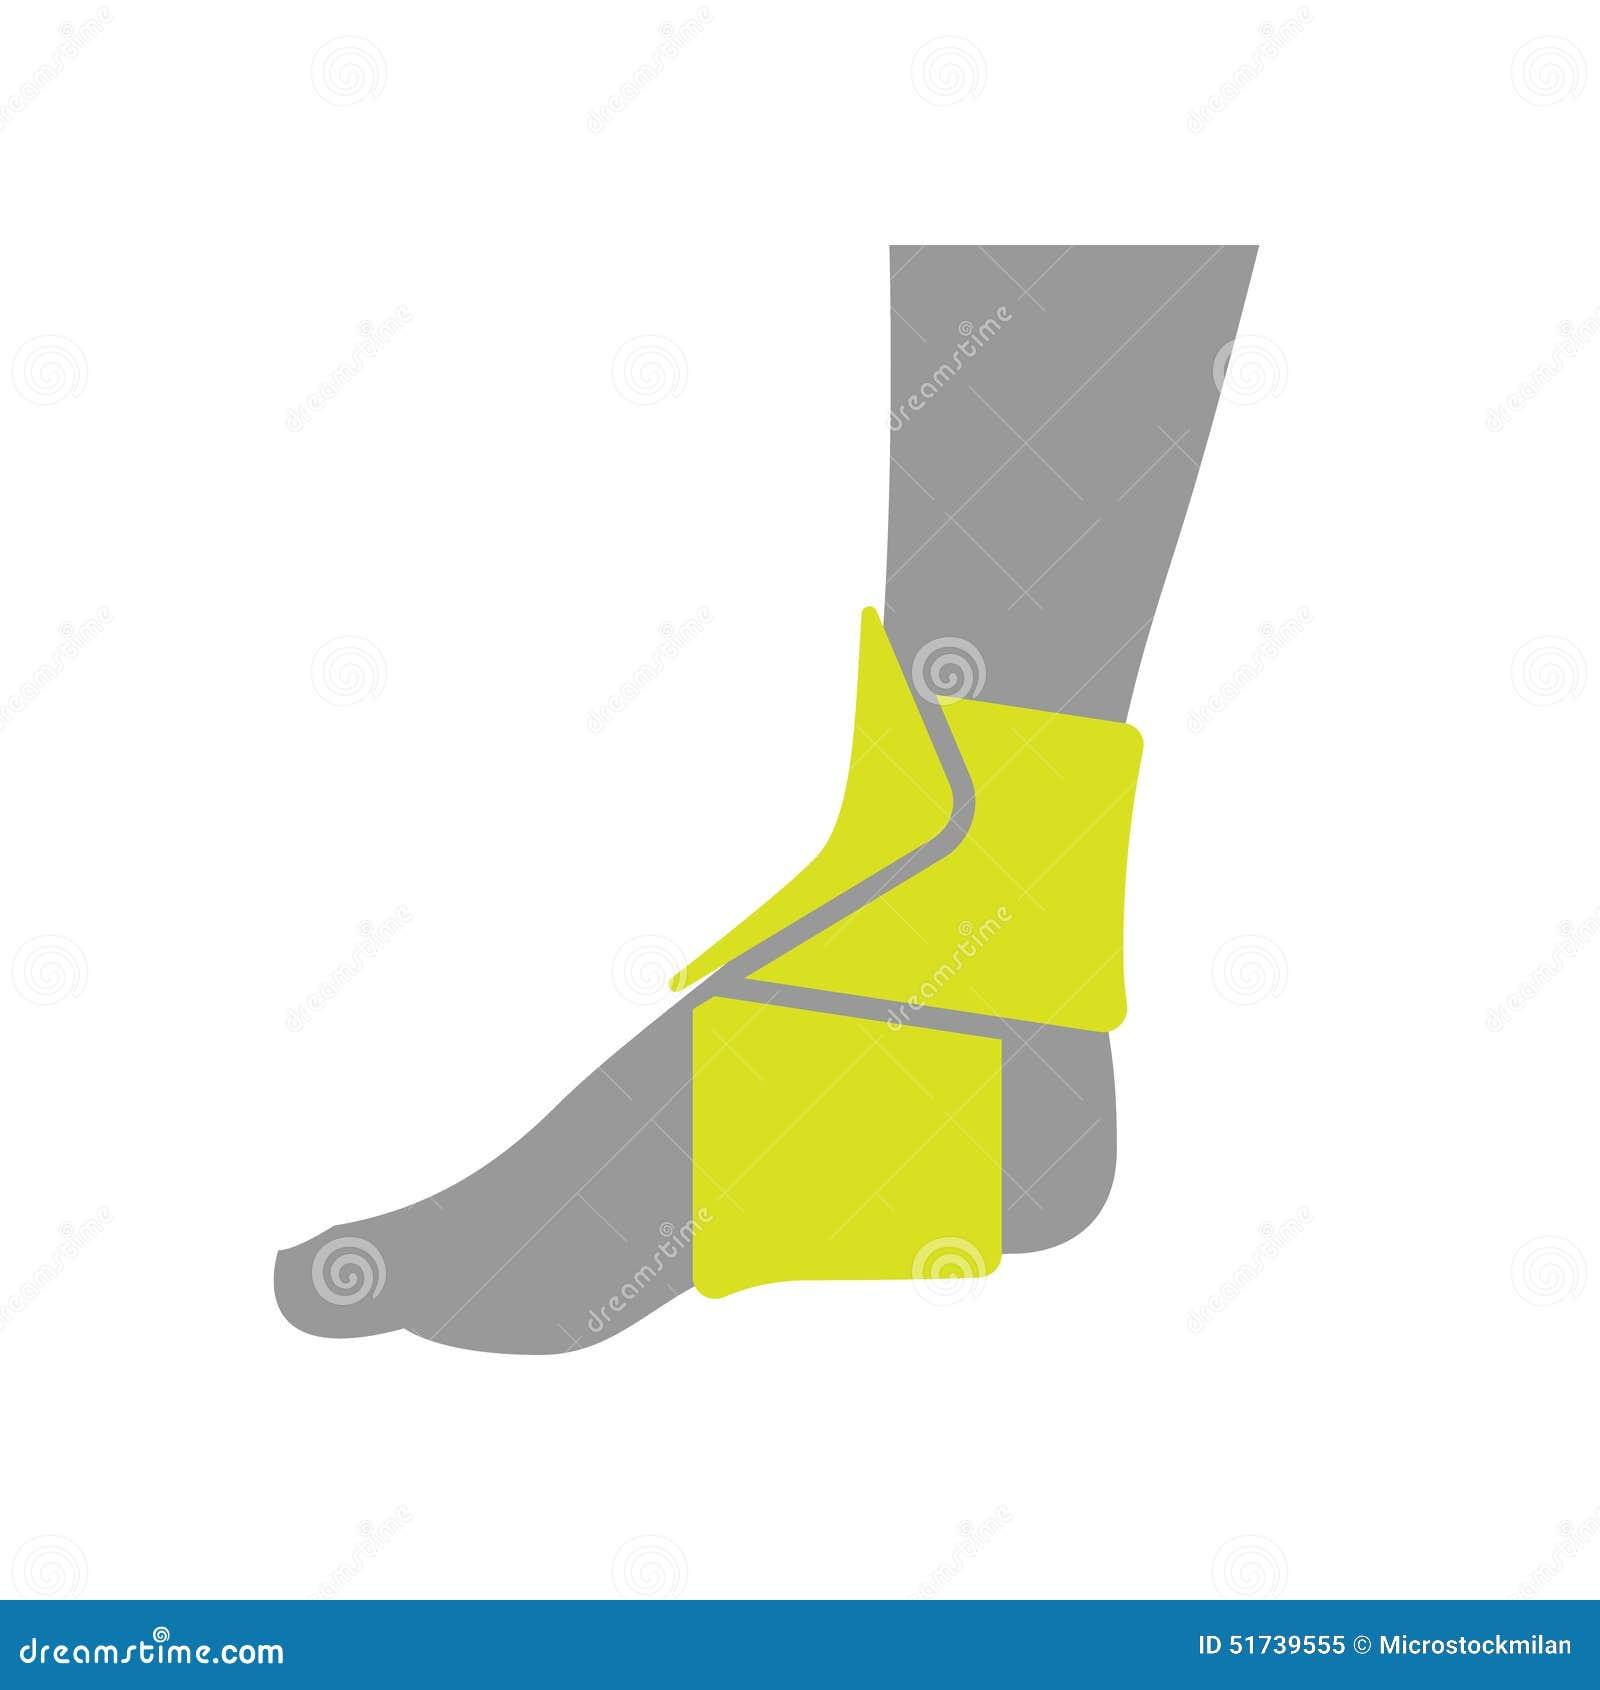 Icône du bandage de compression orthopédique élastique pour